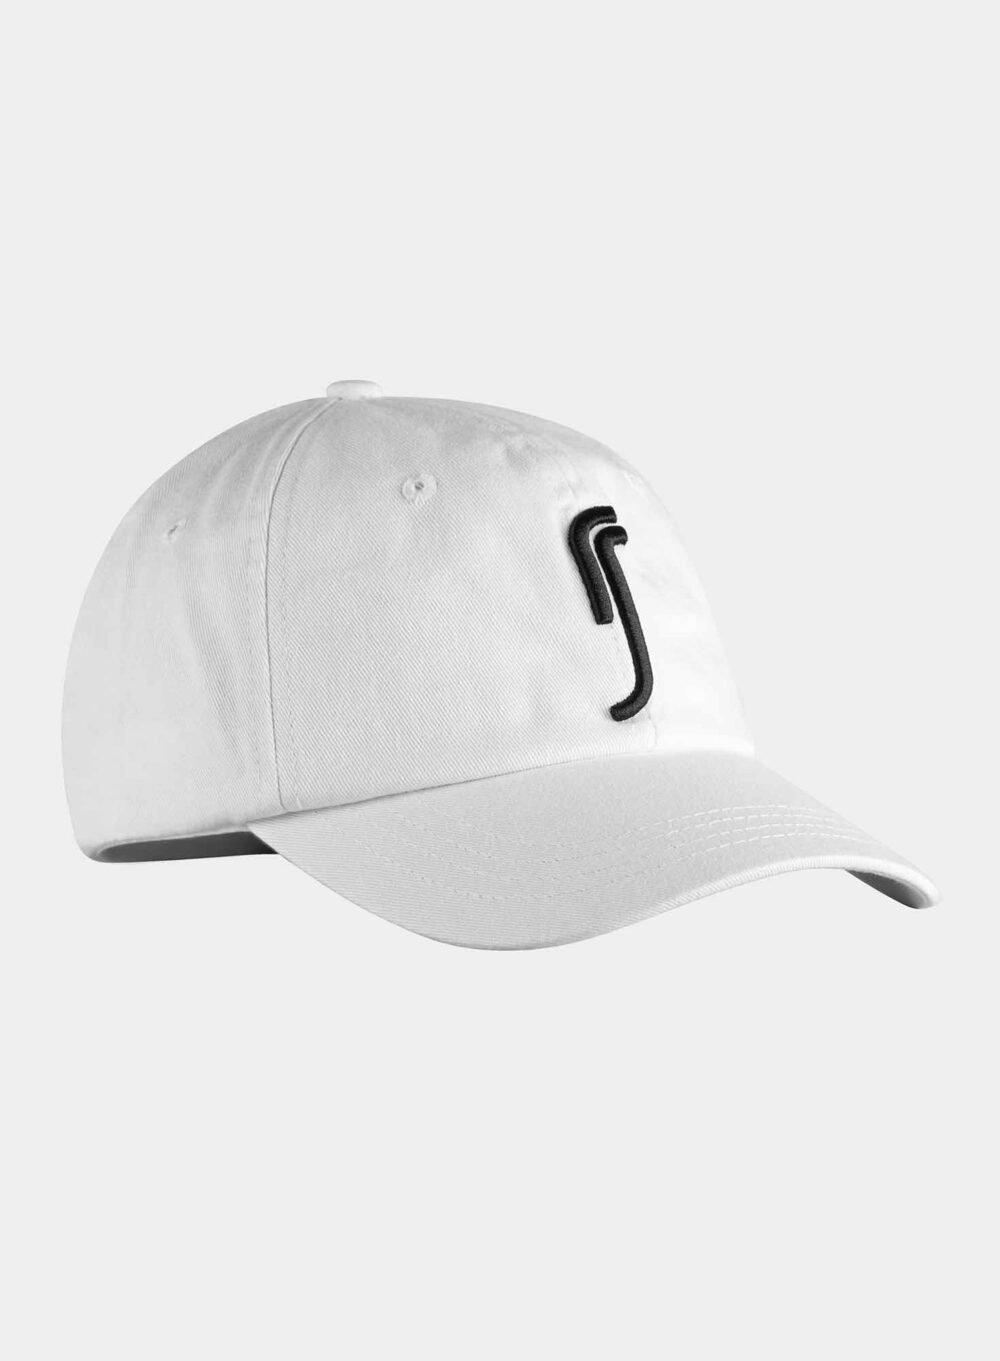 sports_dad_hat_white_1